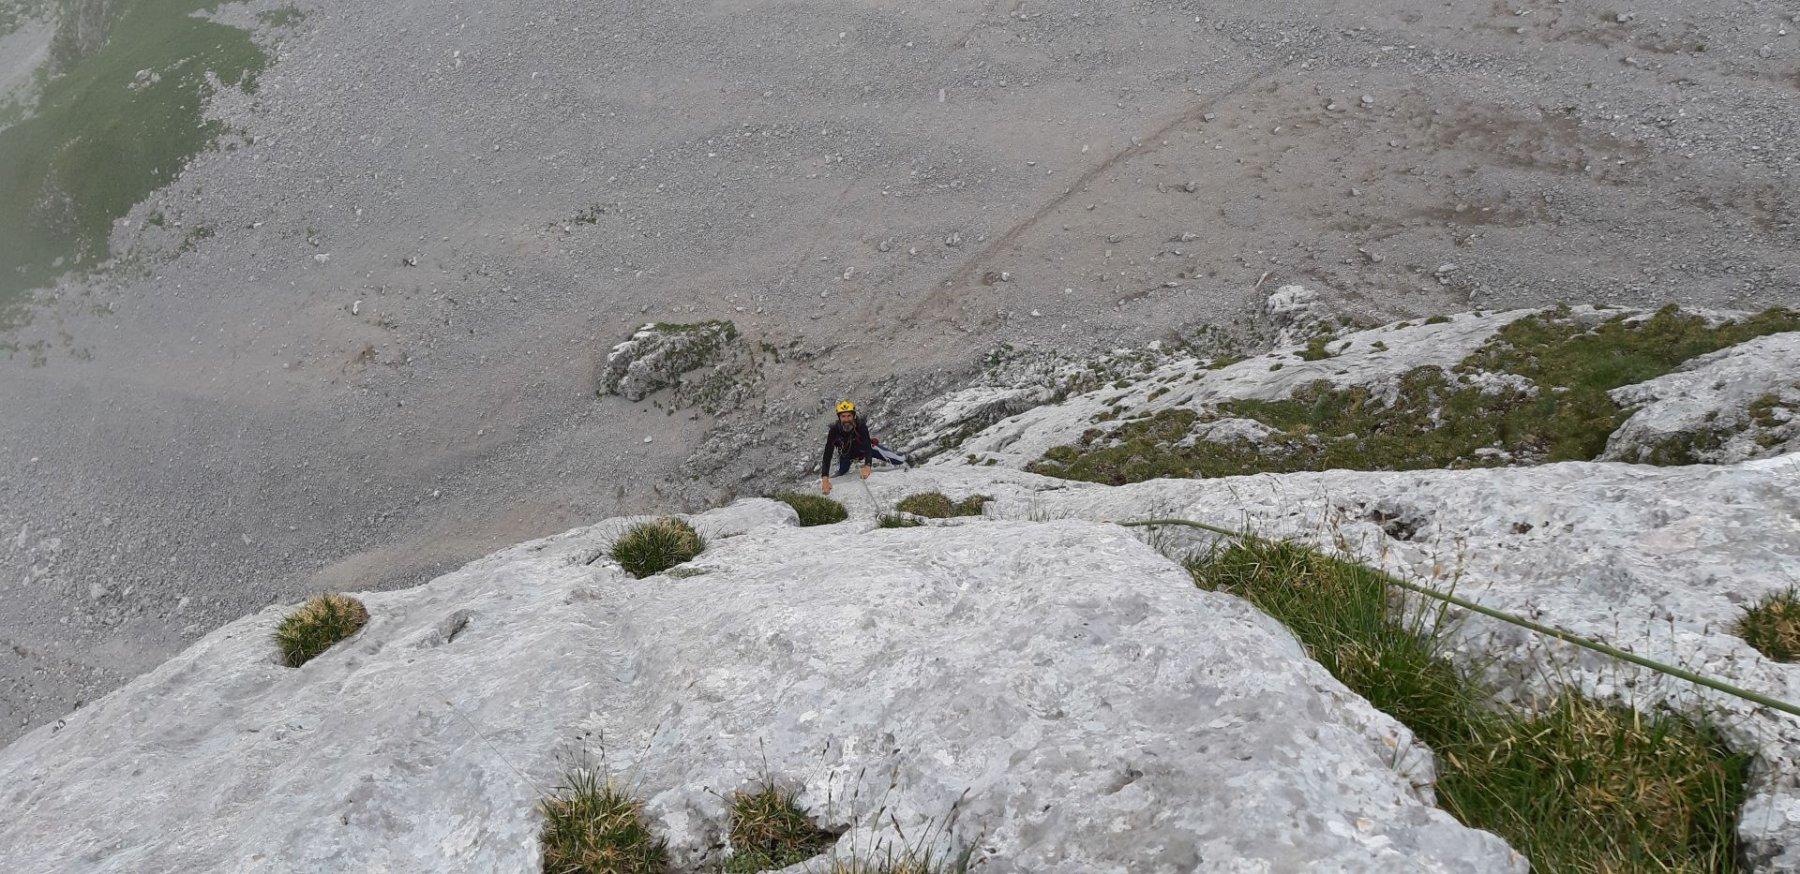 Presolana del Prato Torrione Sud - Tramonto di Bozard 2019-07-19